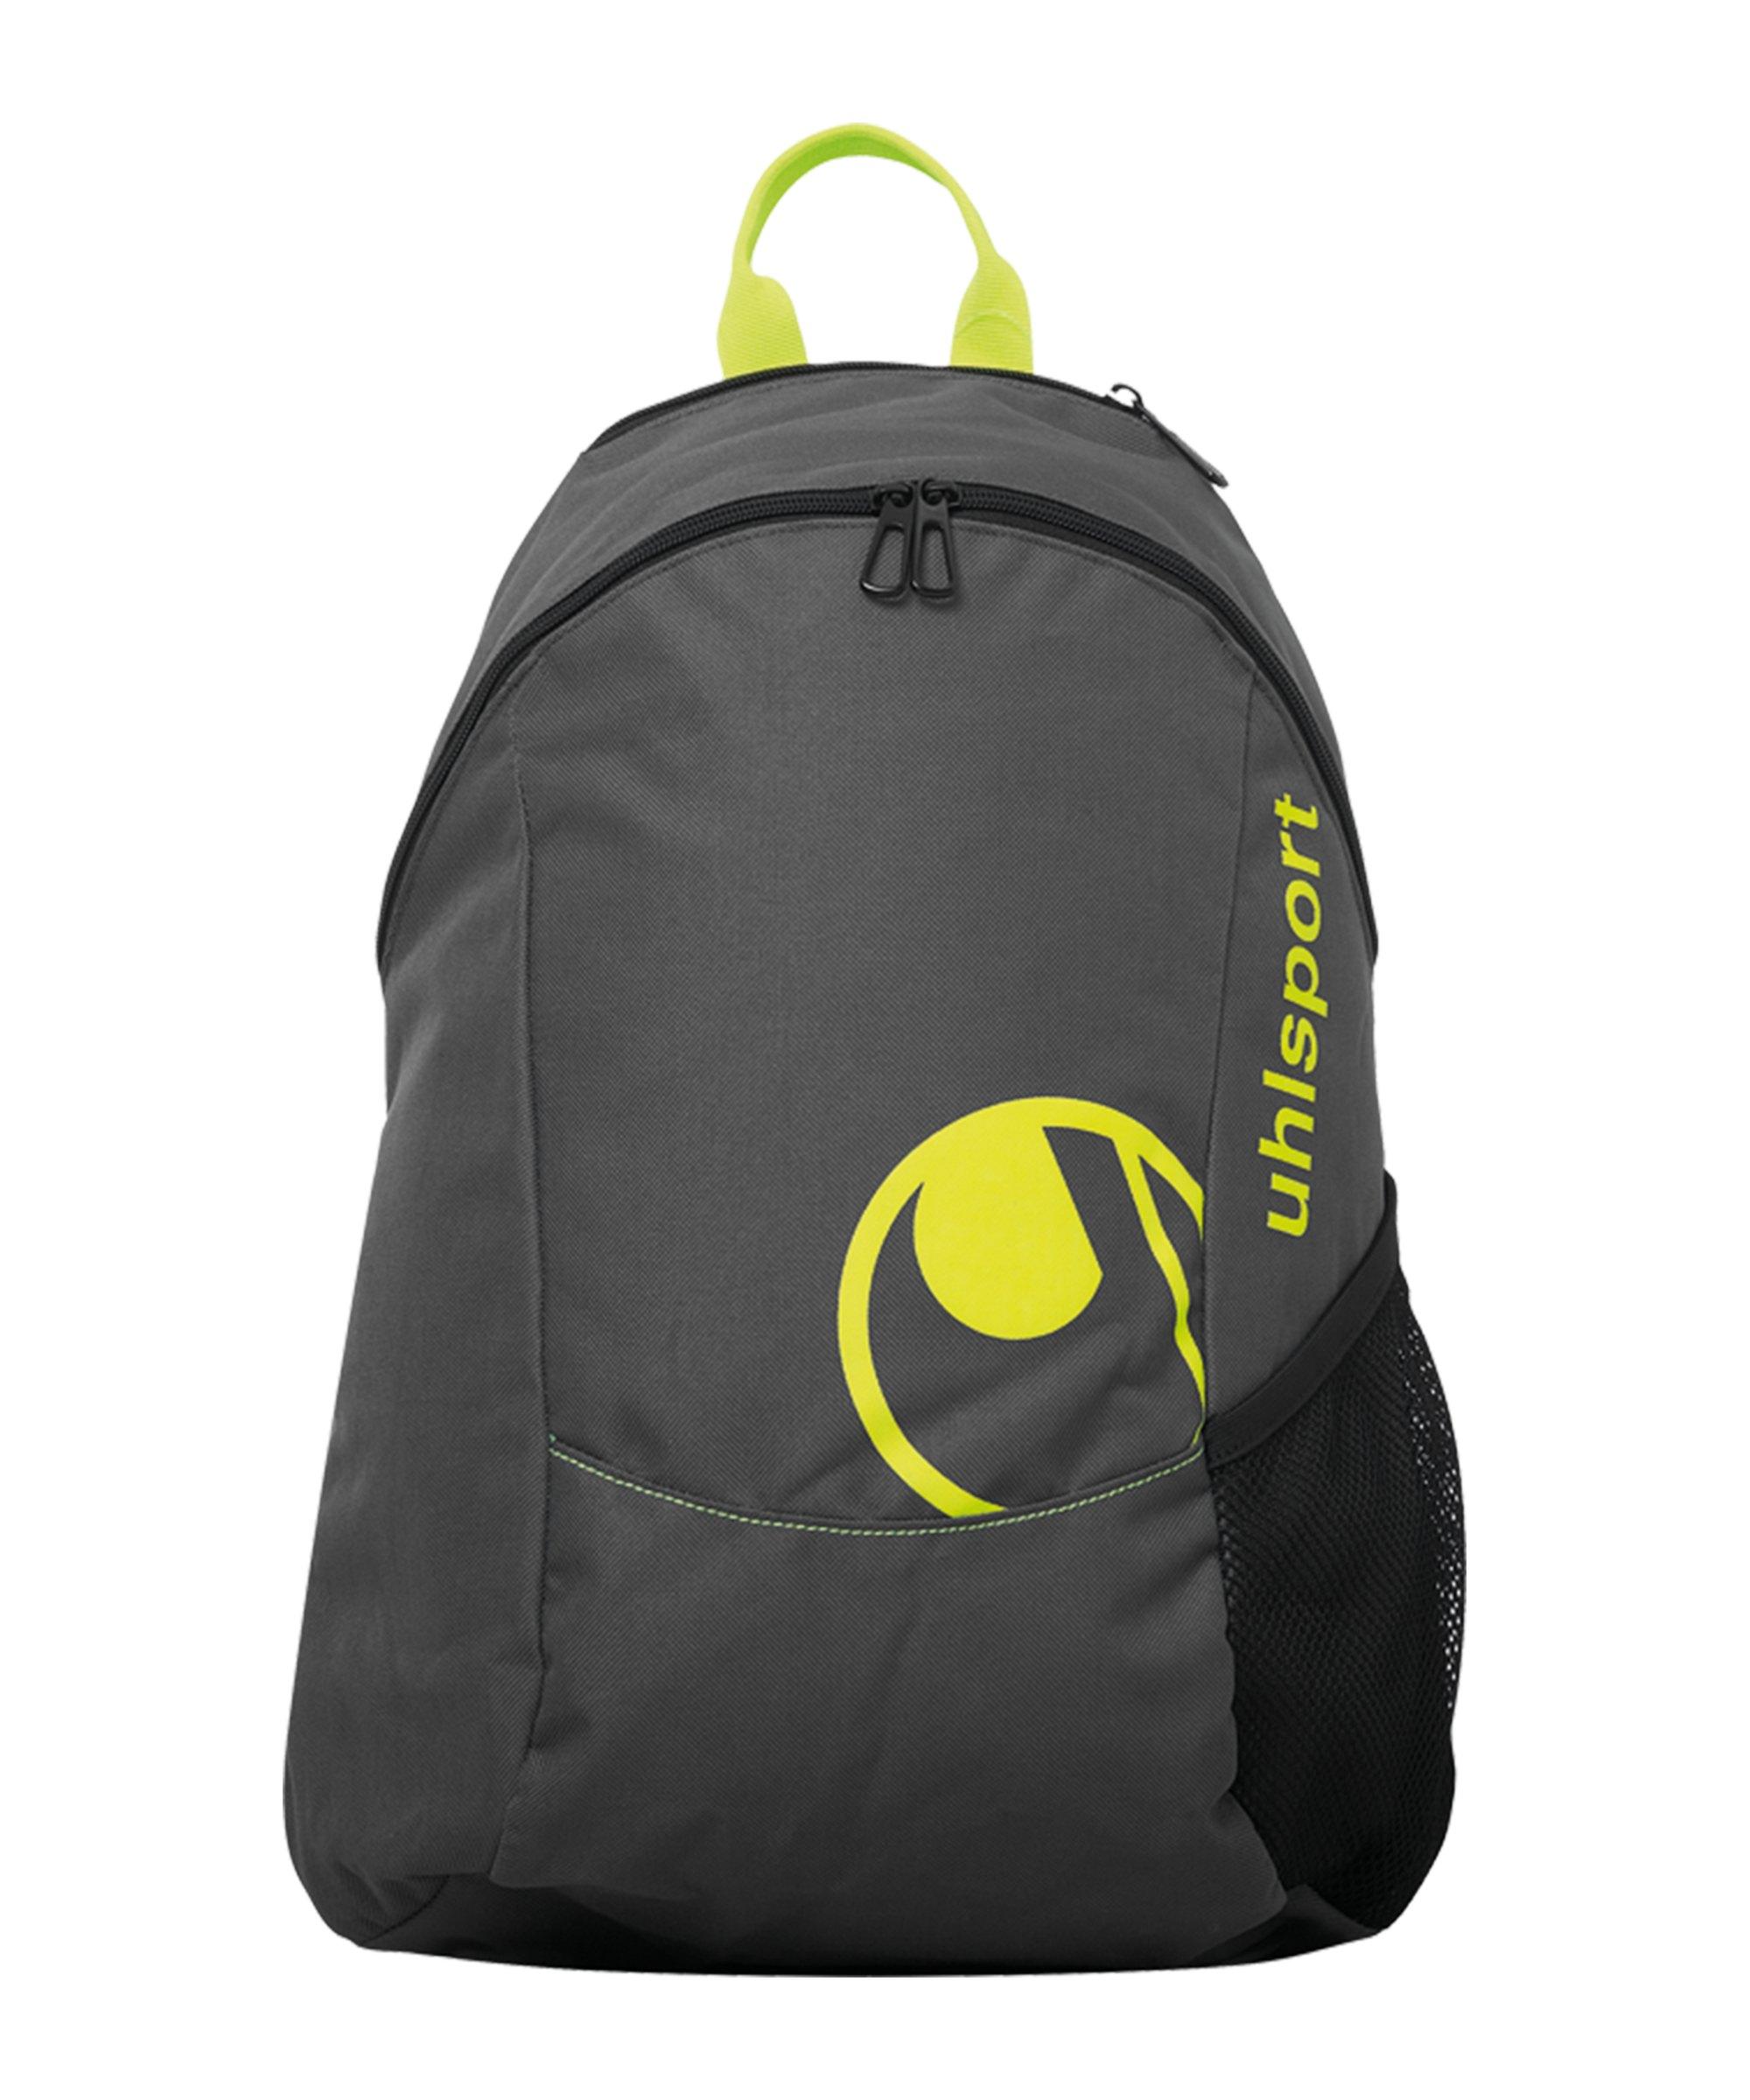 Uhlsport Essential Rucksack Grau Gelb F05 - grau